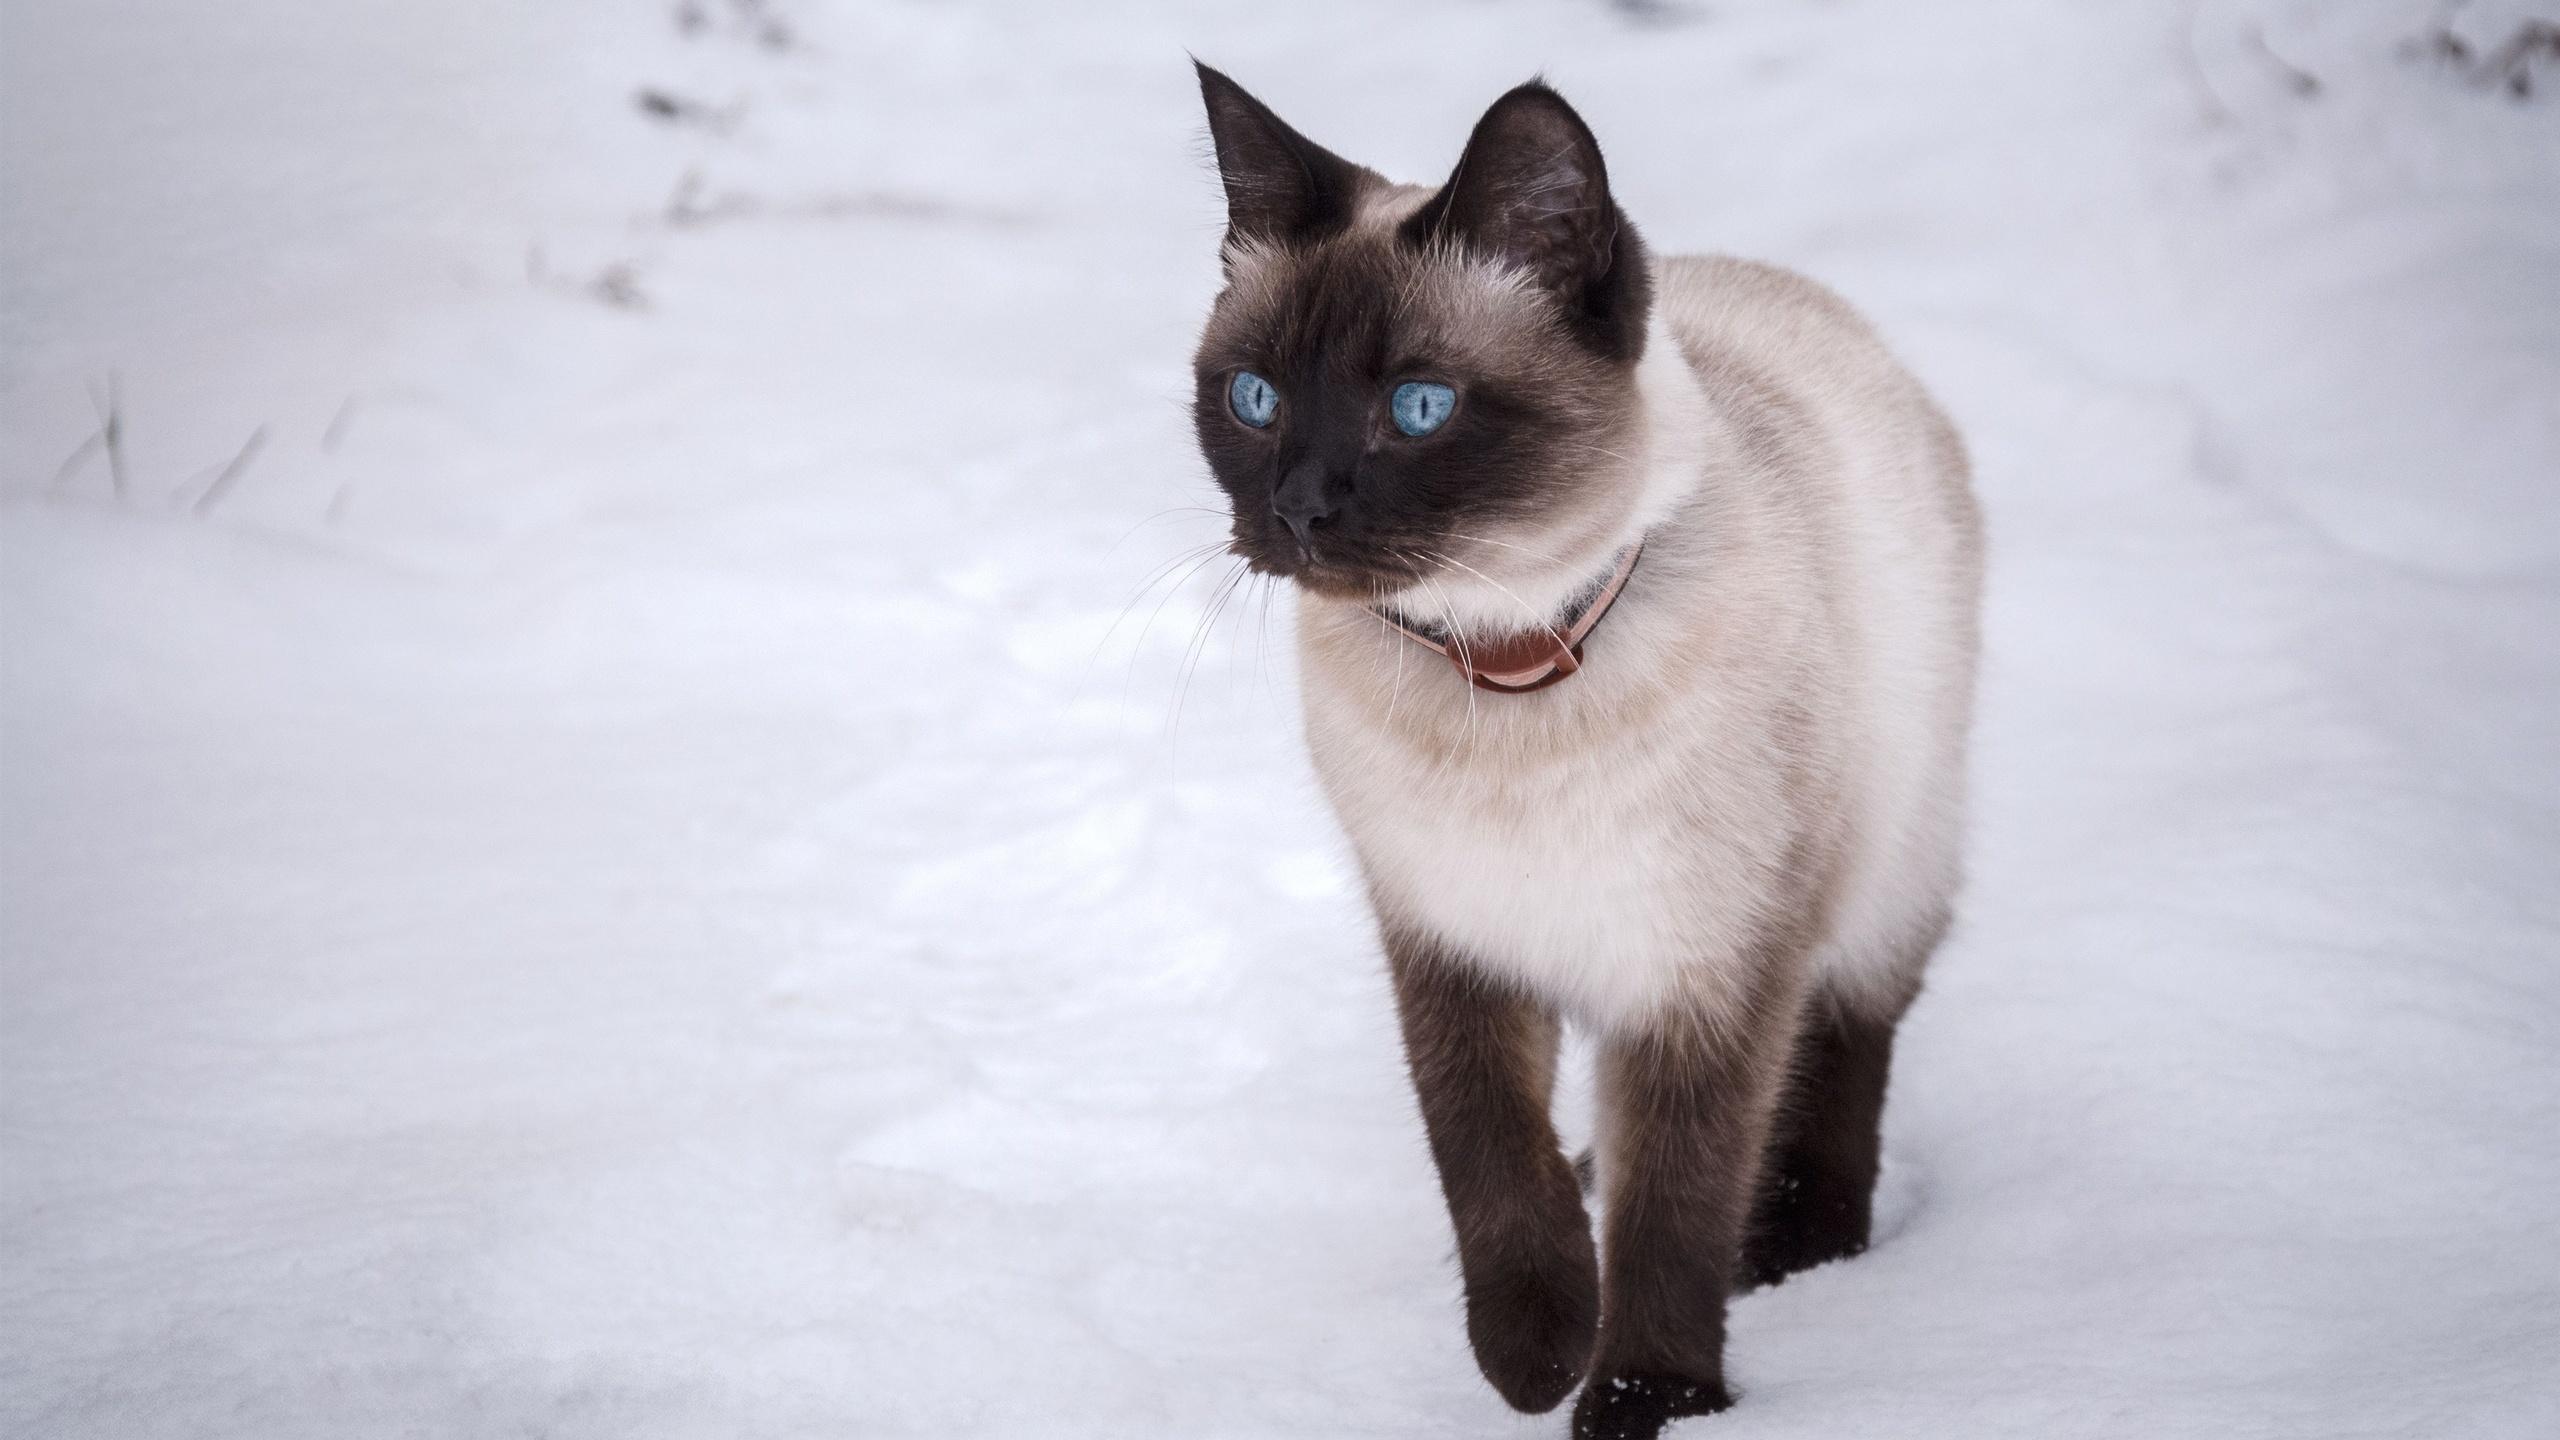 тайская кошка, голубые глаза, снег